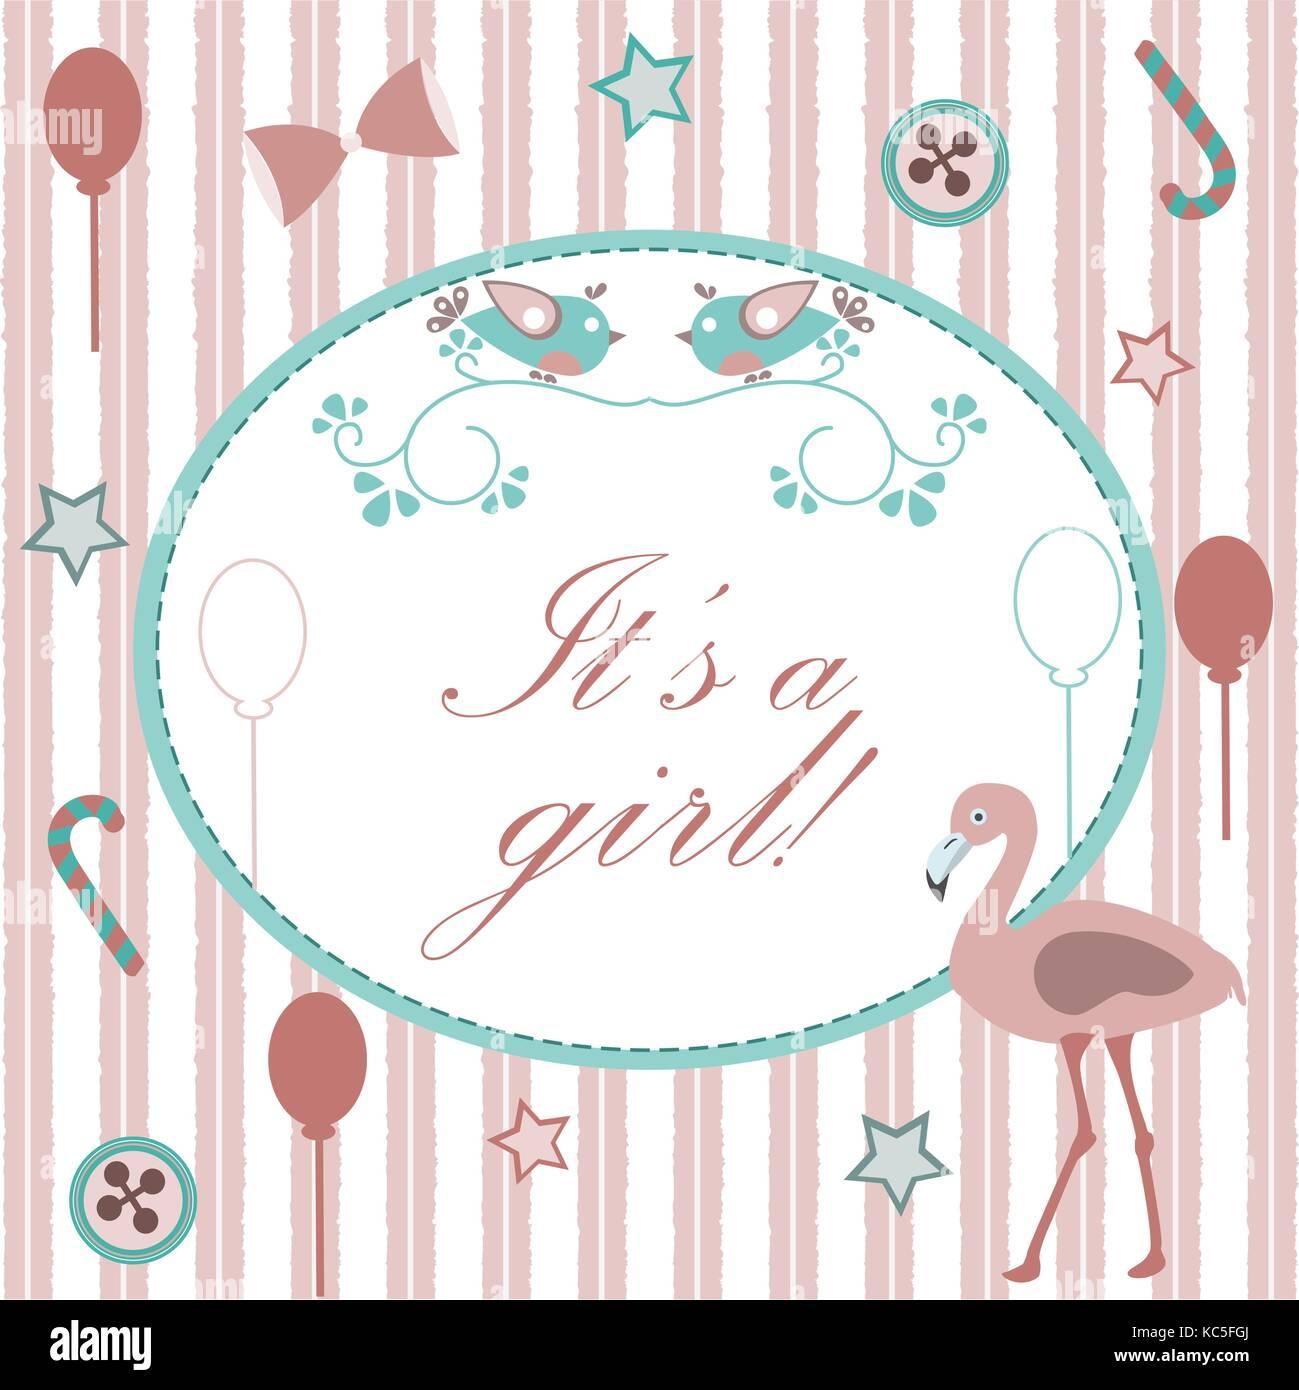 e3b3ff5eef9d1 Anuncio de nacimiento de bebé niña. Tarjeta de invitación de baby shower.  cute pink